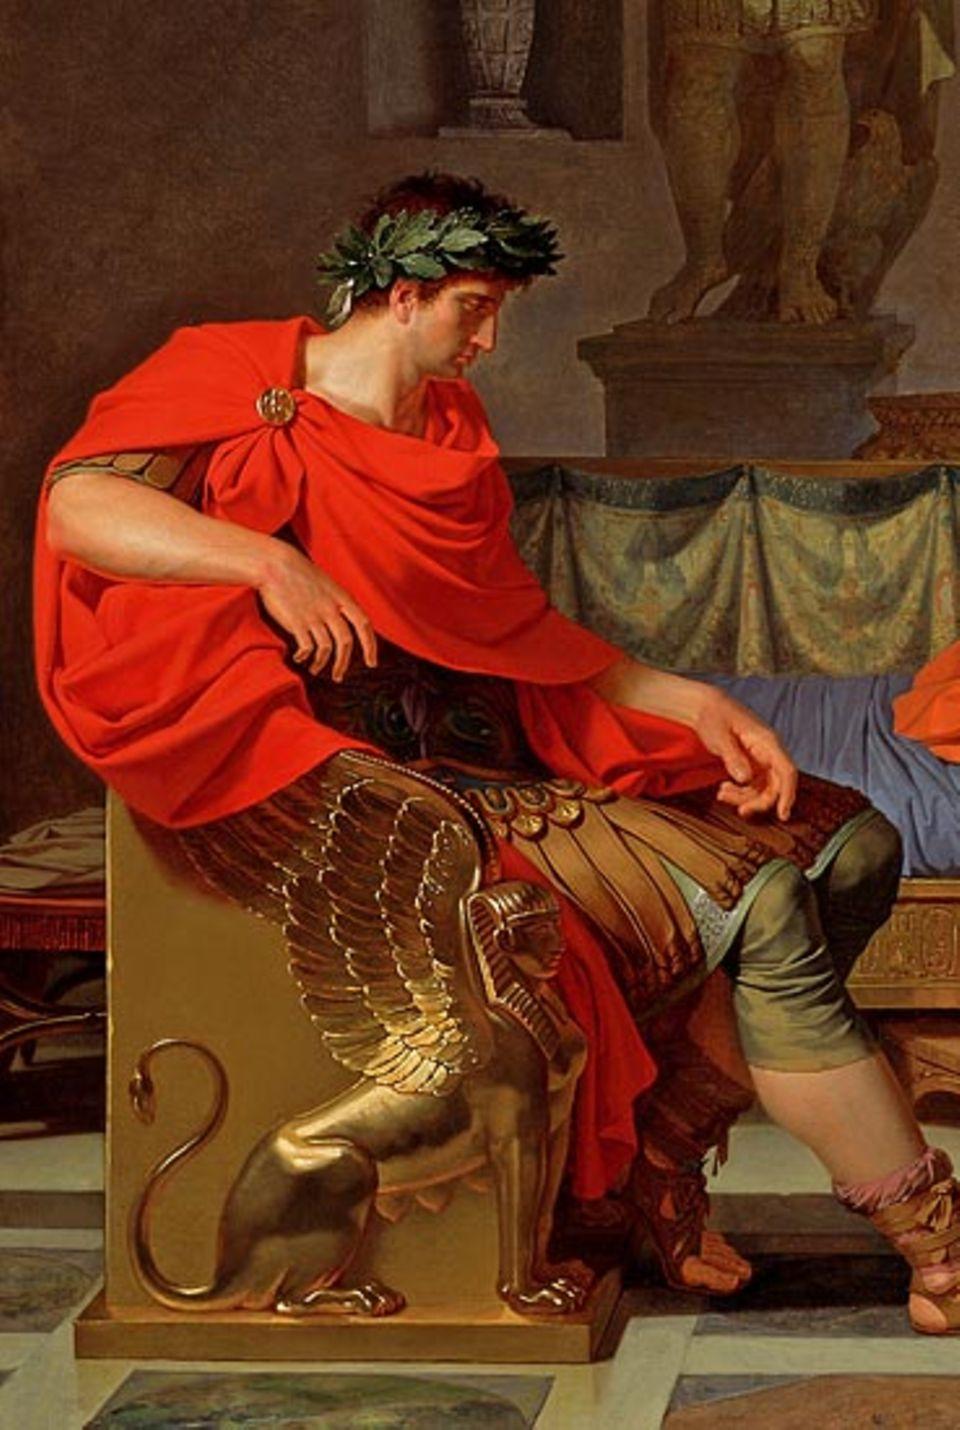 Ein Lorbeerkranz krönt das Haupt Oktavians, das Symbol des glücklichen Siegers. Gut möglich, dass der französische Maler Louis Gauffier, aus dessen Bild der Ausschnitt stammt, damit auf die spätere Kaiserwürde des Augustus anspielt